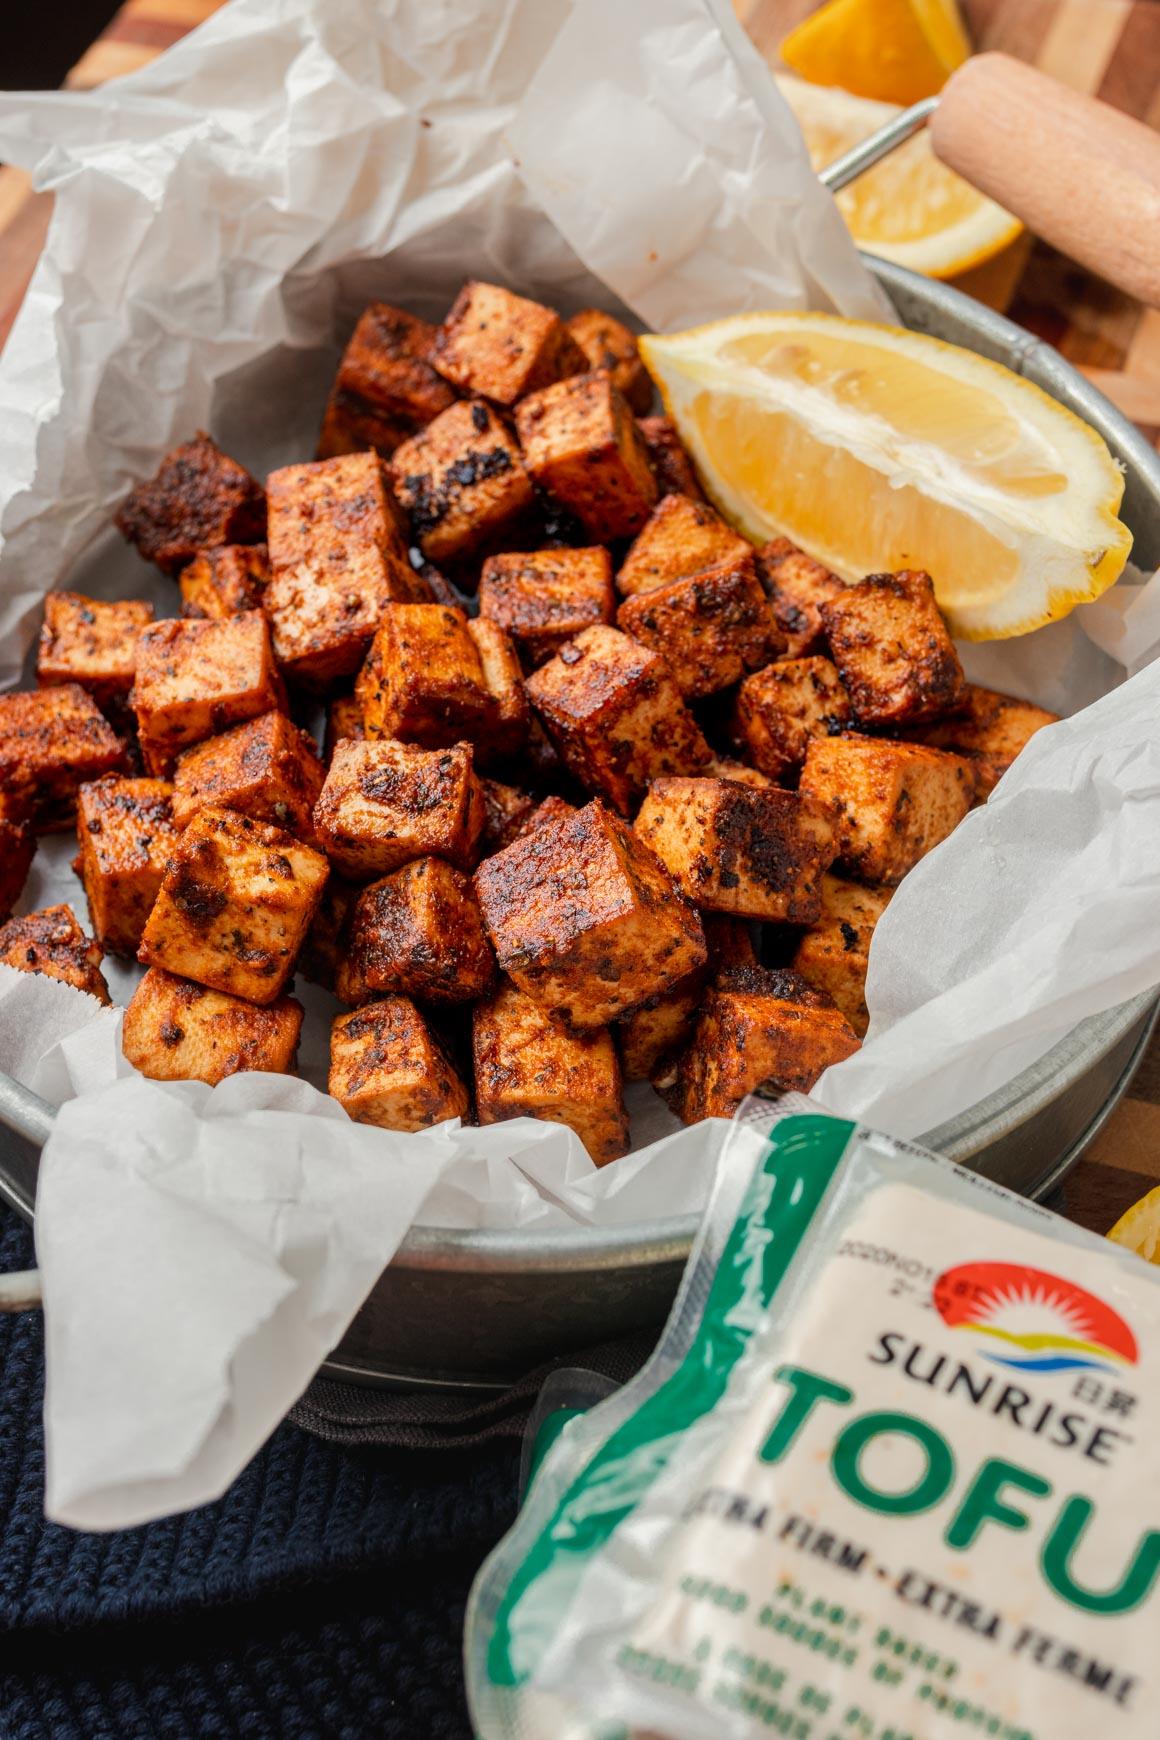 Crispy baked spicy lemon tofu with sunrise extra firm tofu